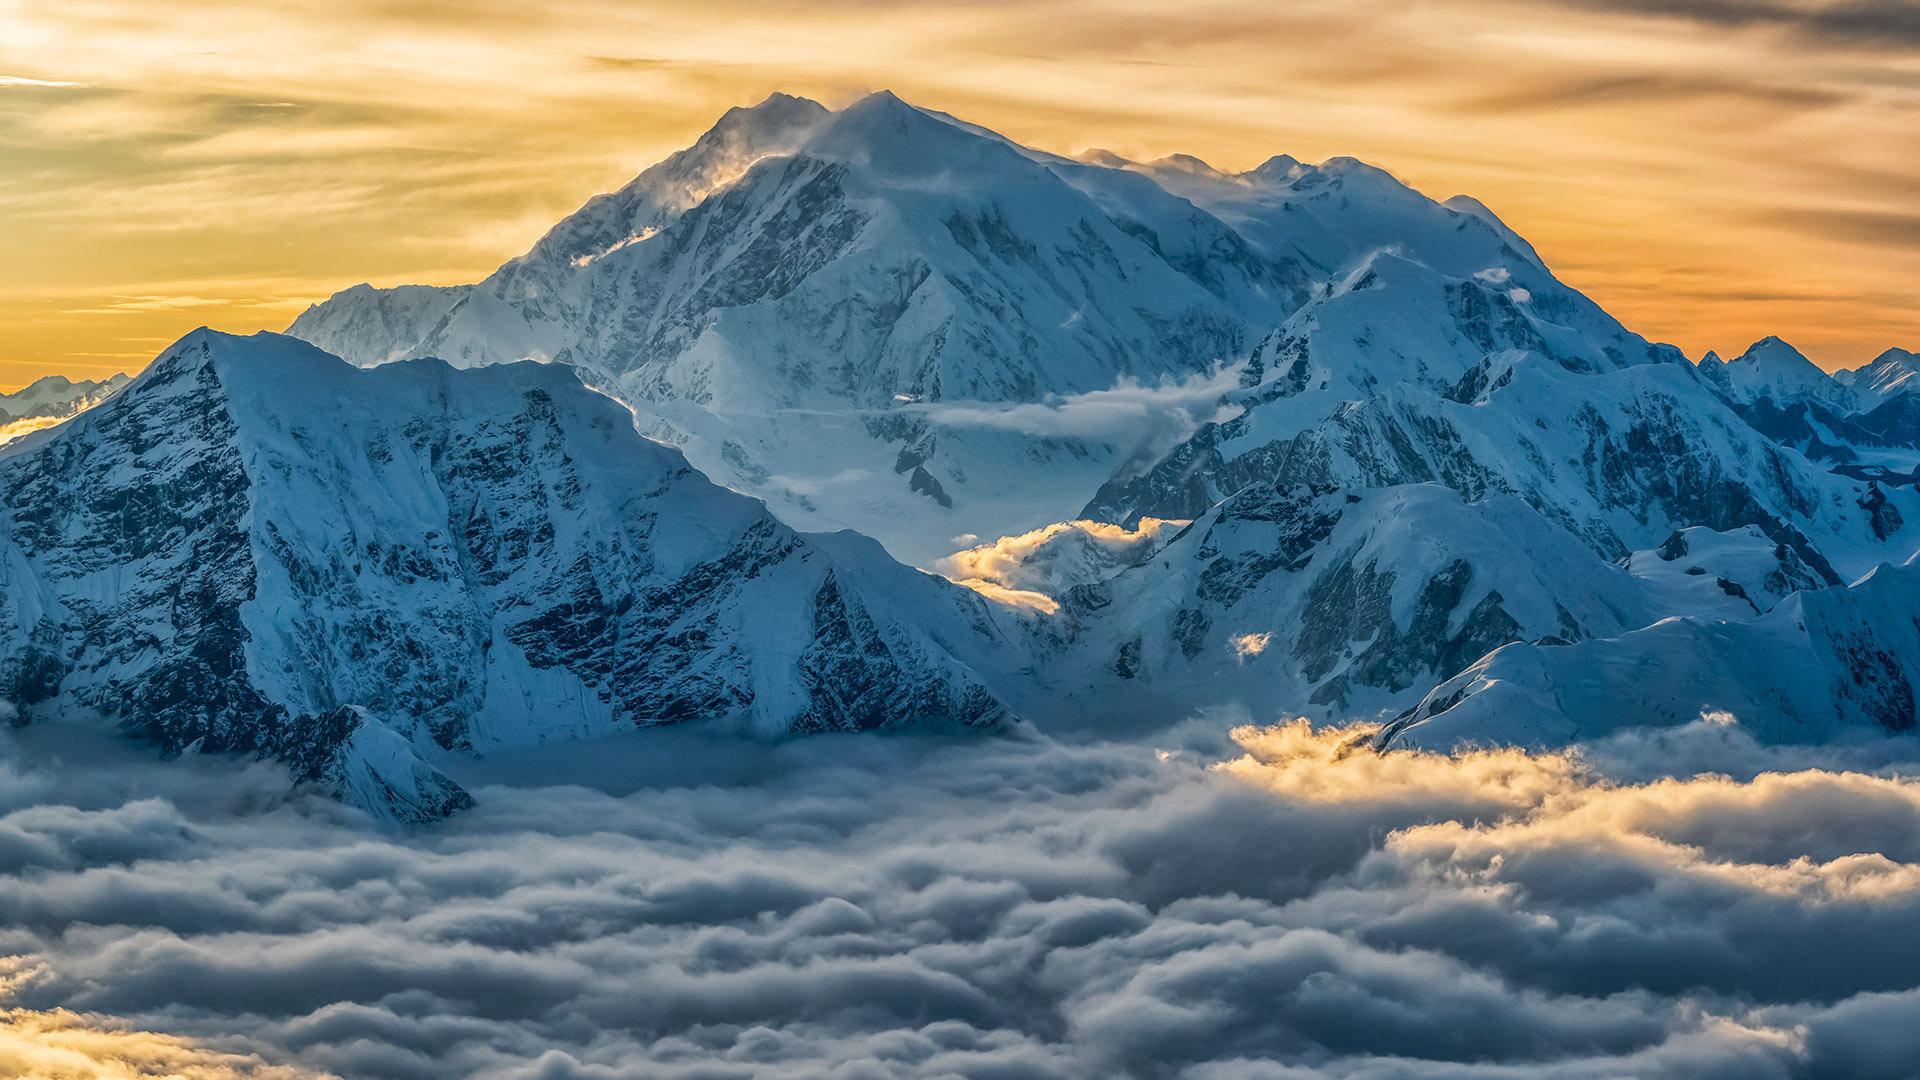 鸟瞰高耸入云的洛根山洛根山